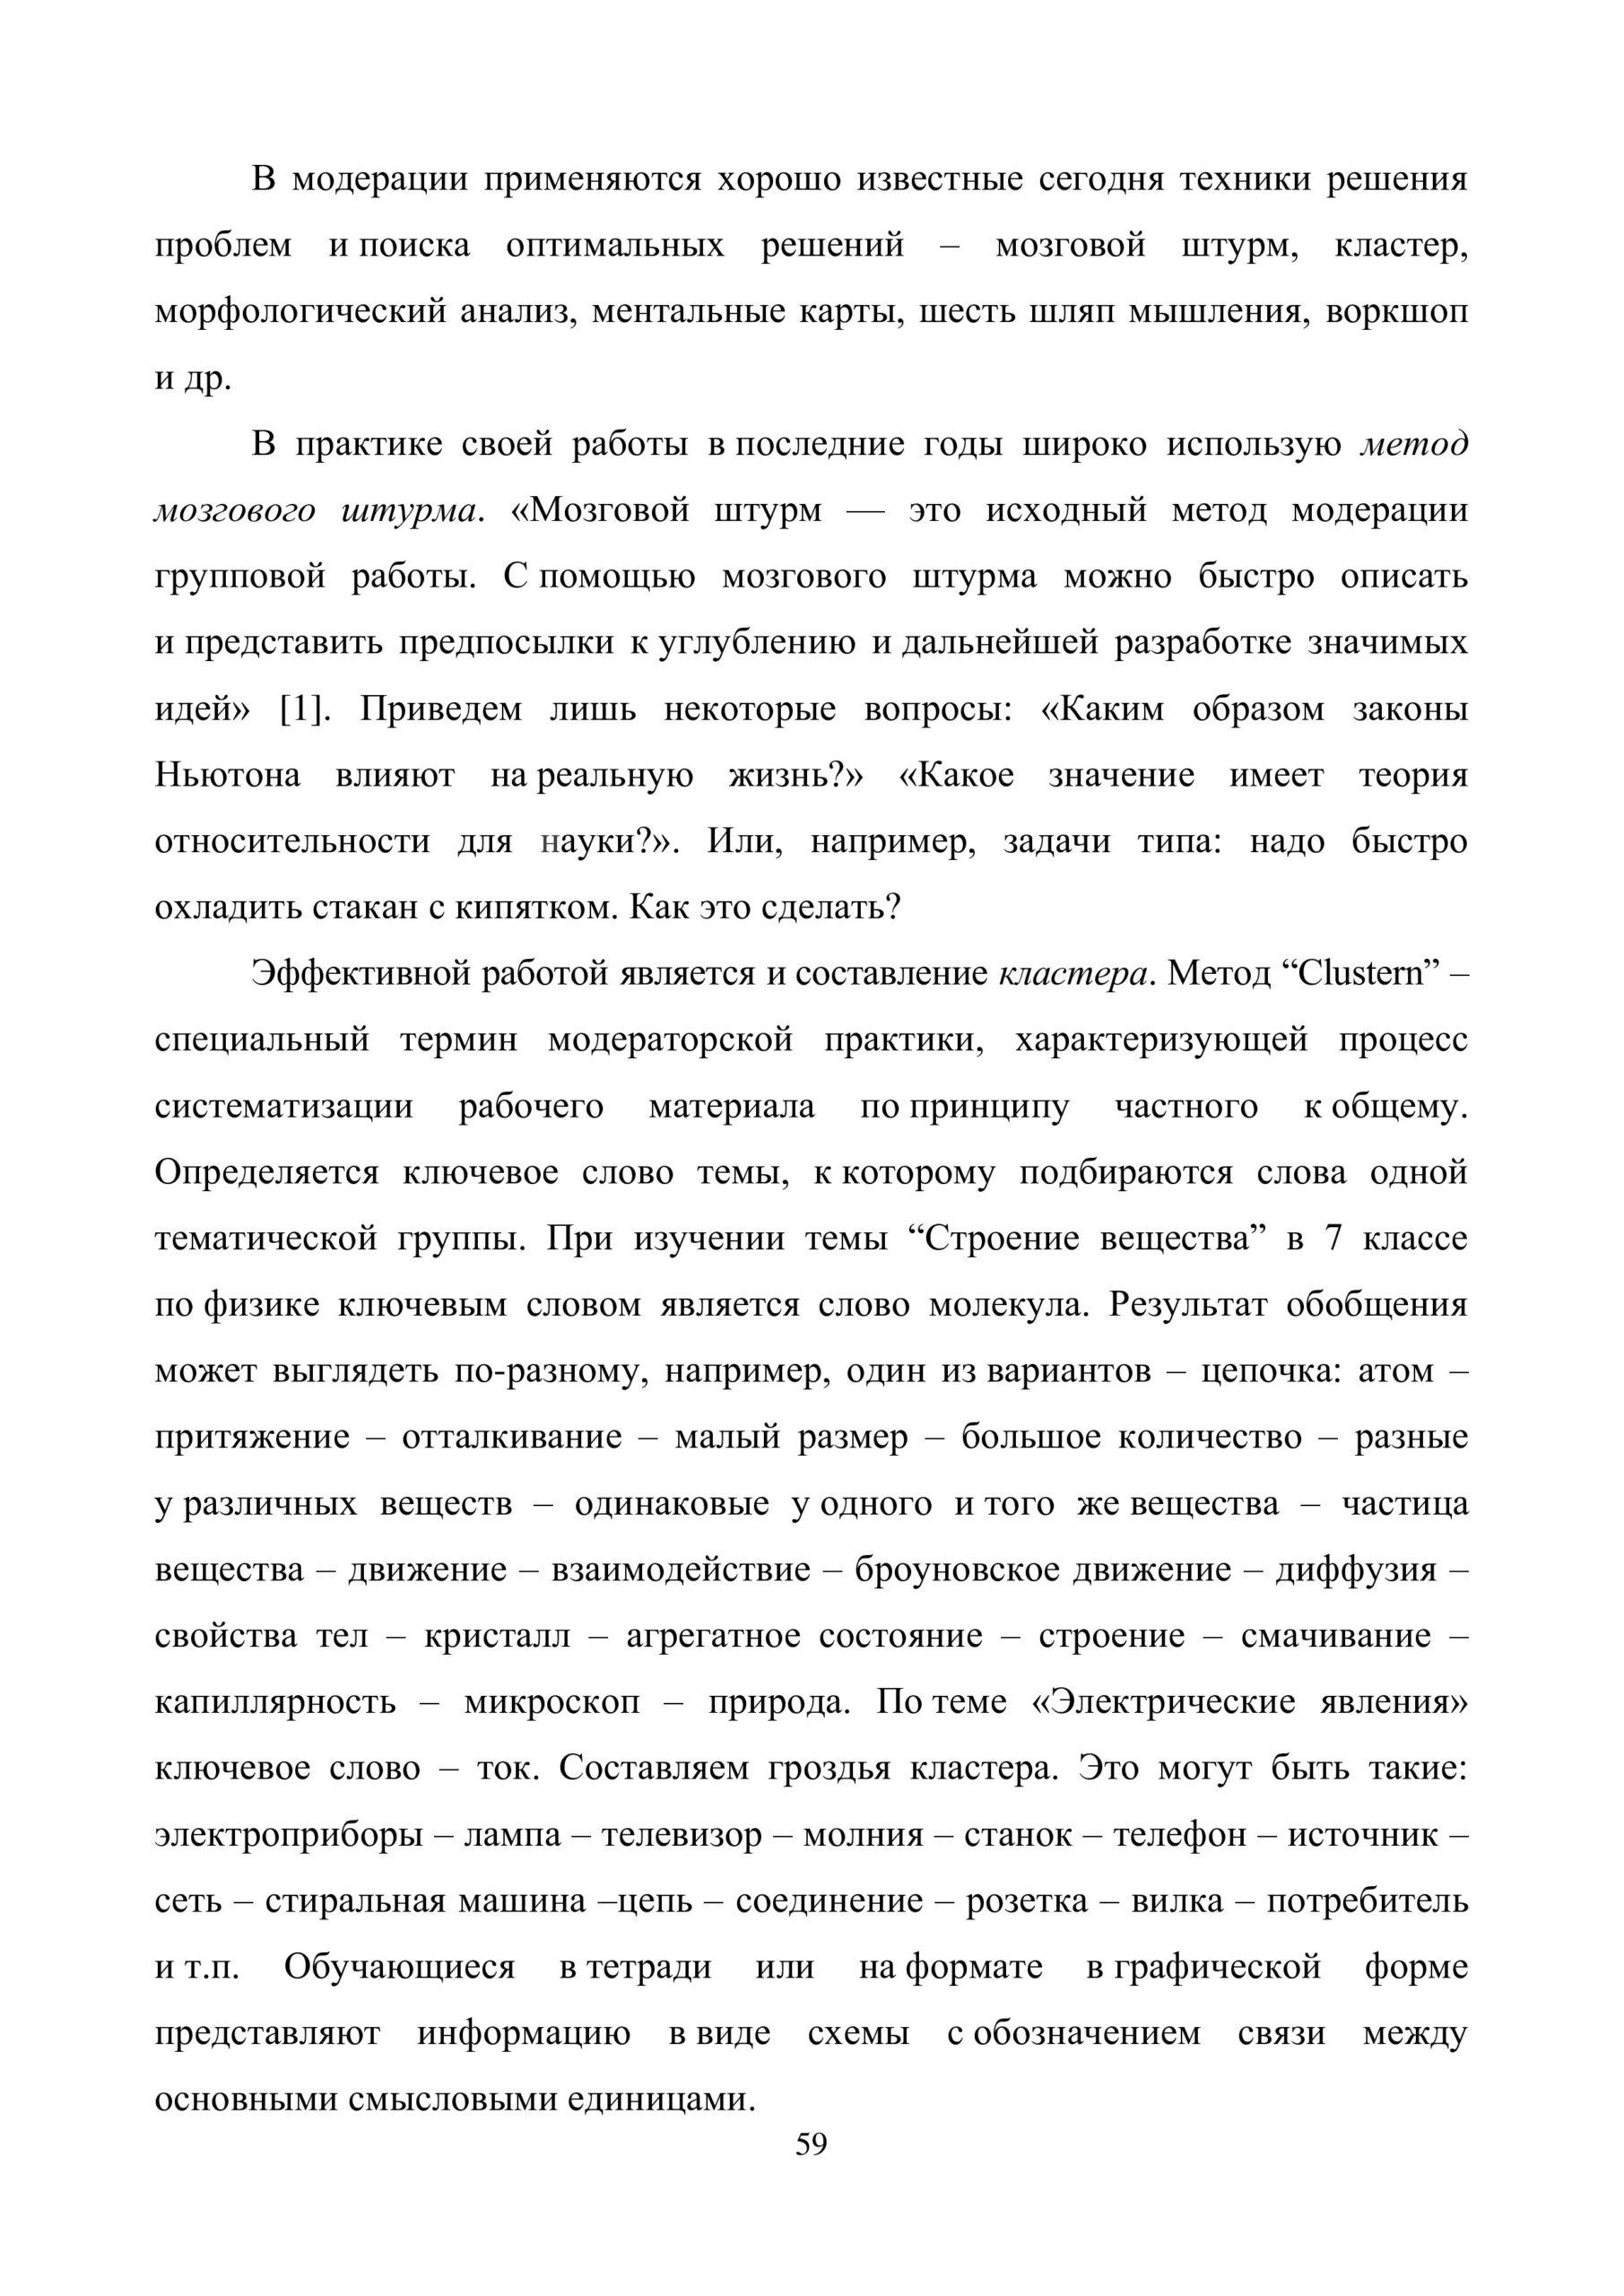 Сборник конференции СОТ физика_058